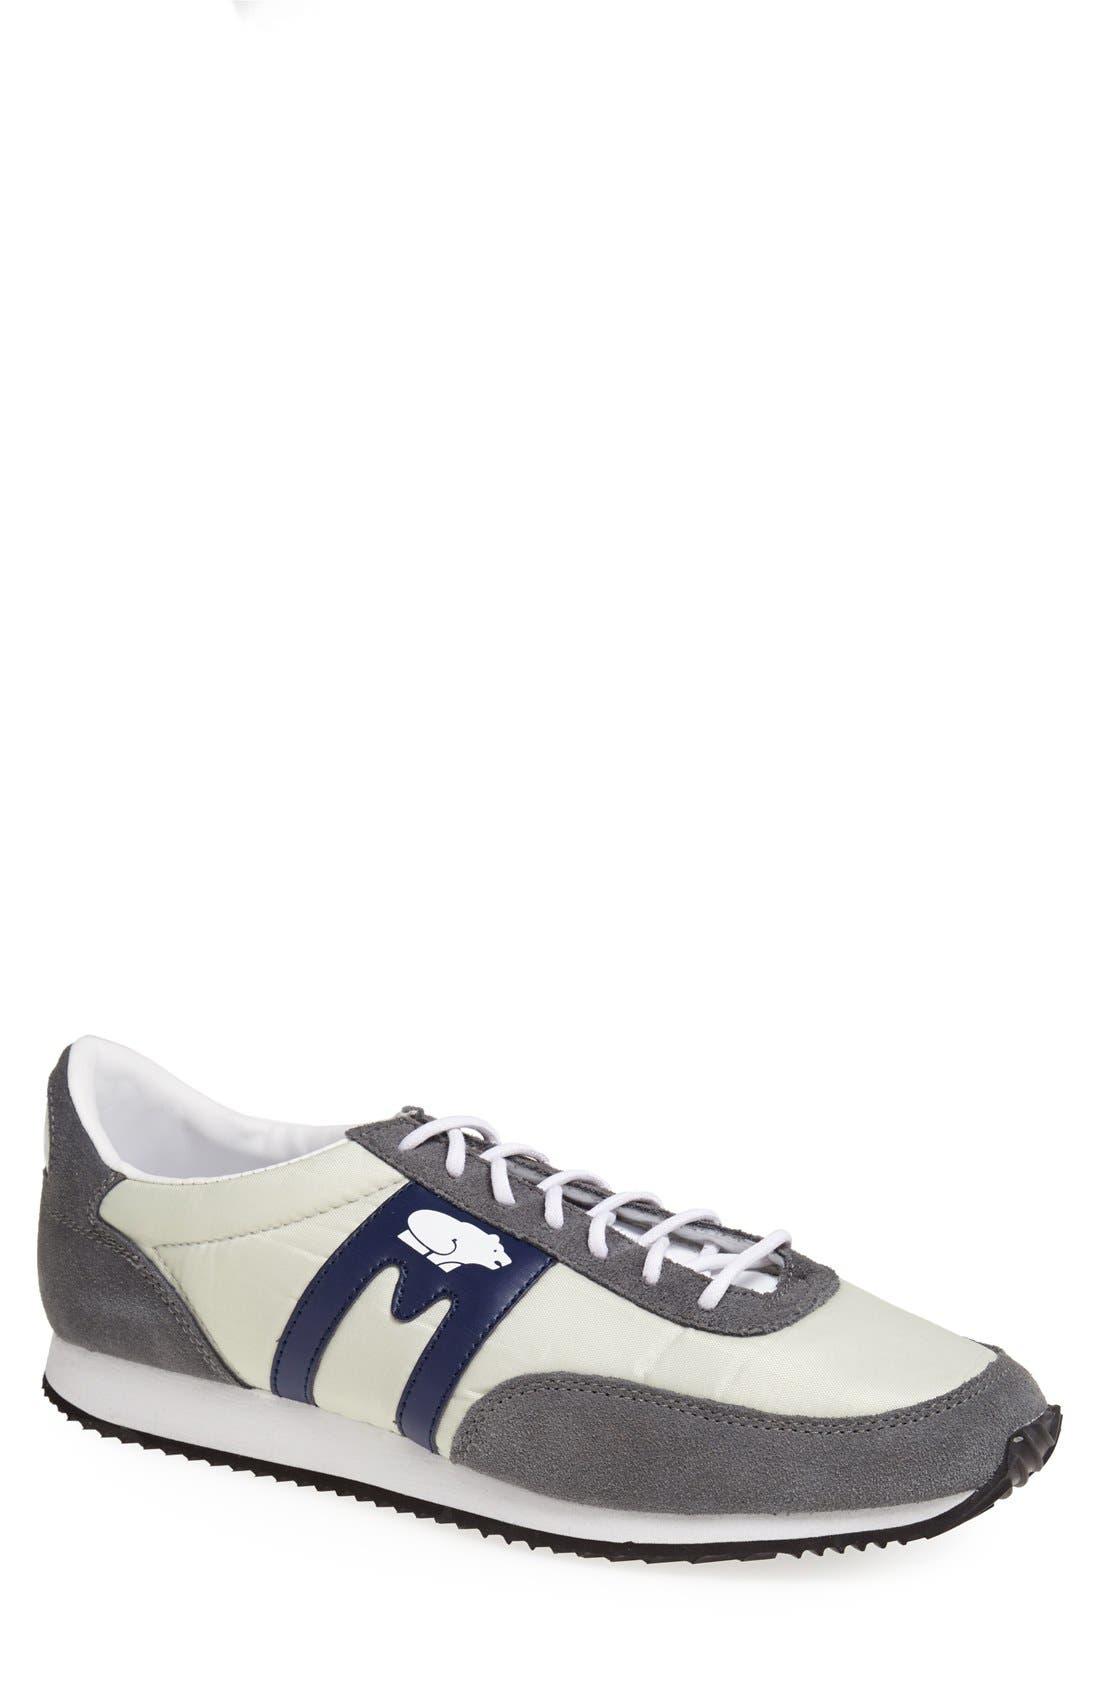 'Albatross' Sneaker, Main, color, 020